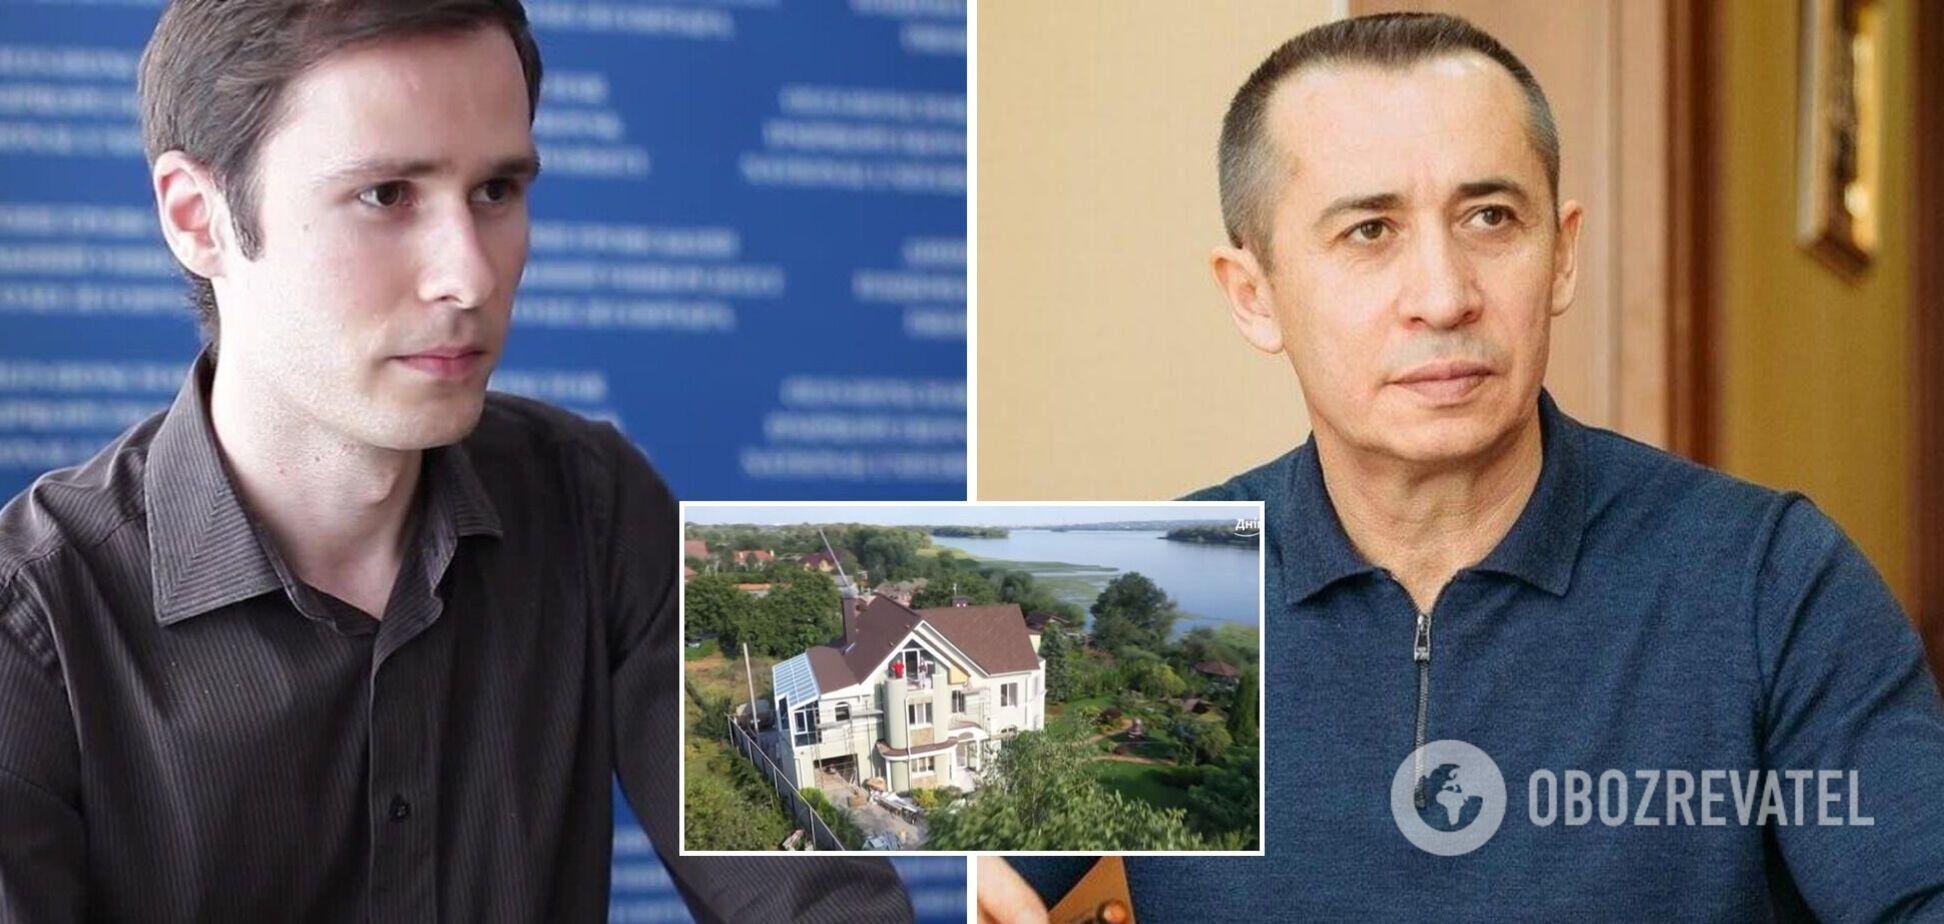 СМИ сообщили о сокрытии имущества Андреем Баско, приближенного Загида Краснова